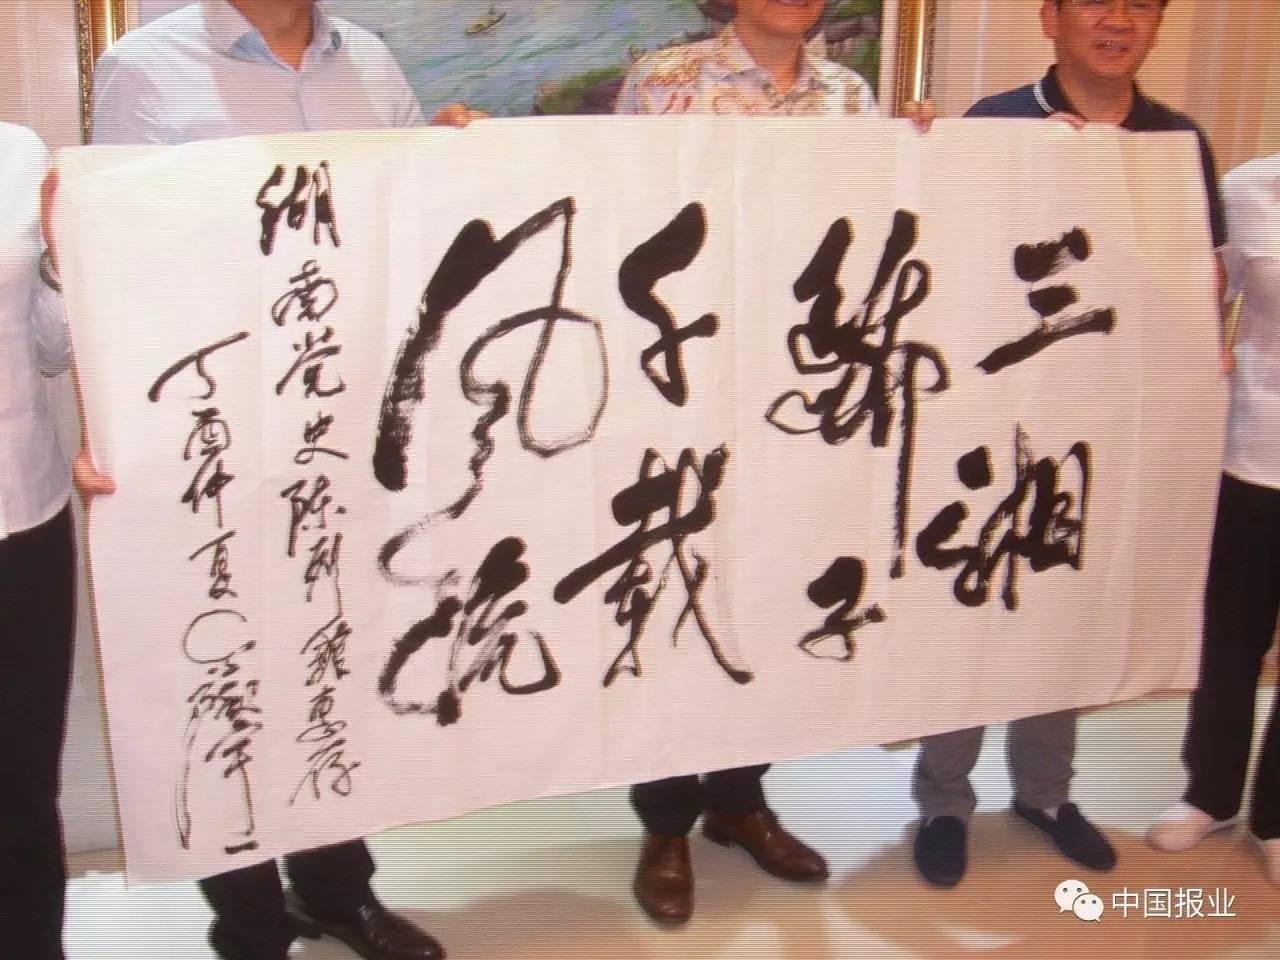 寻找 红色记忆 著名油画家刘宇一在长沙采风剪影